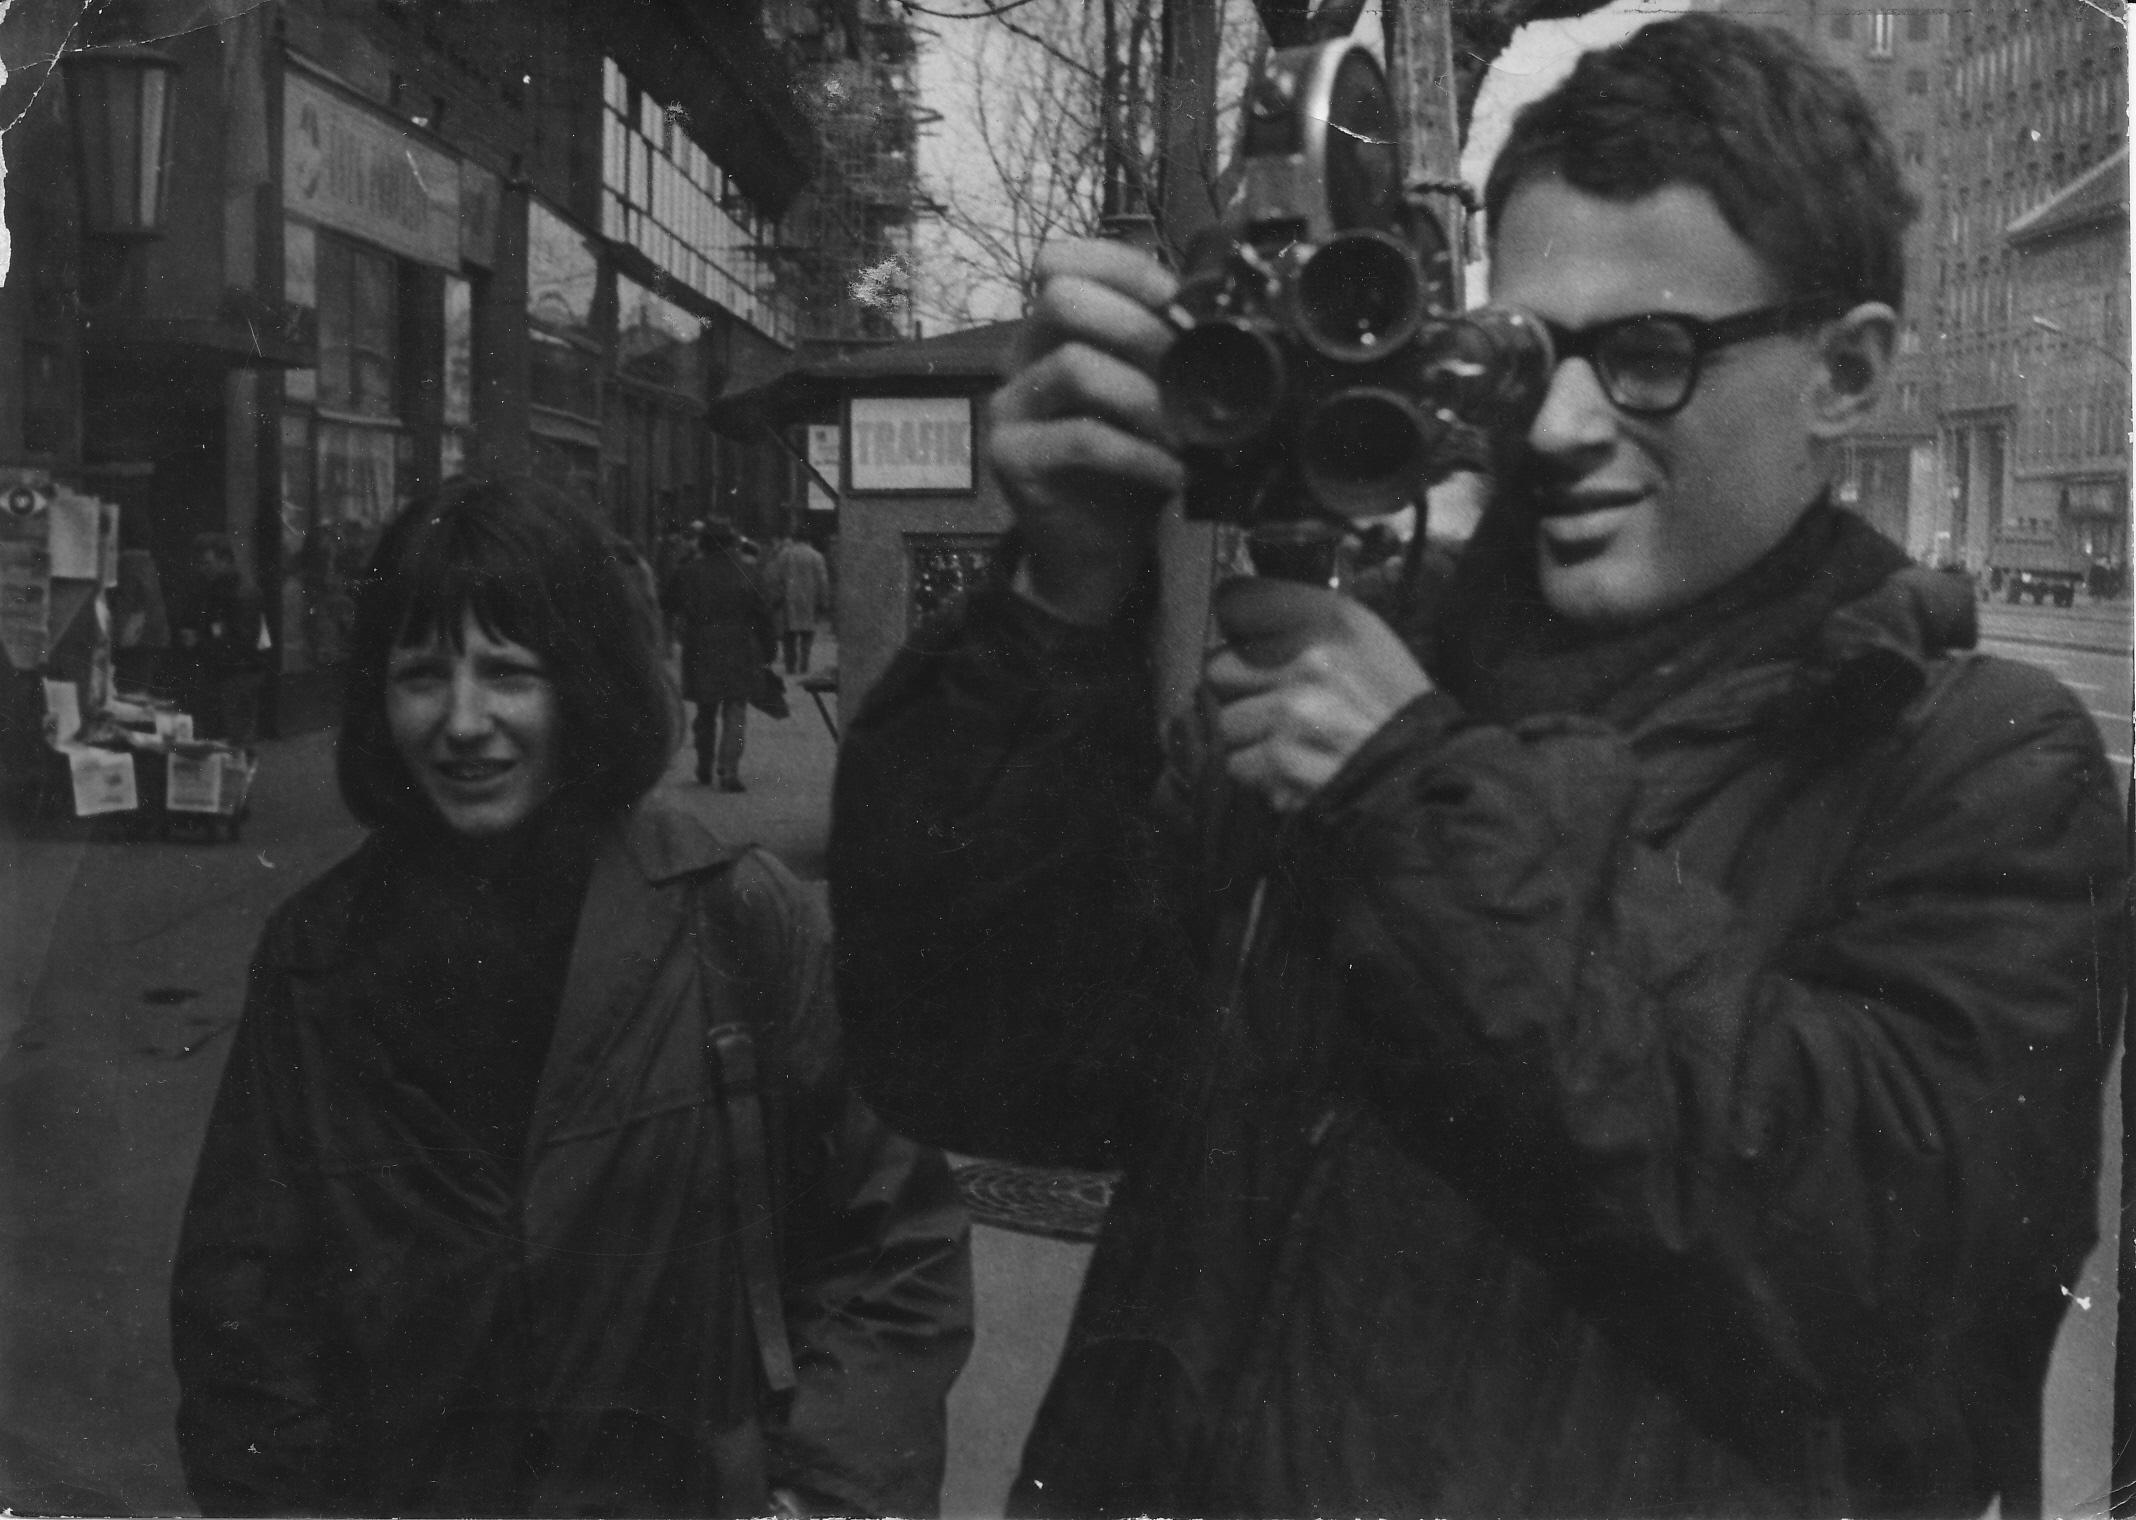 Szalai Györgyi és Szomjas György felvétel közben 1964 március